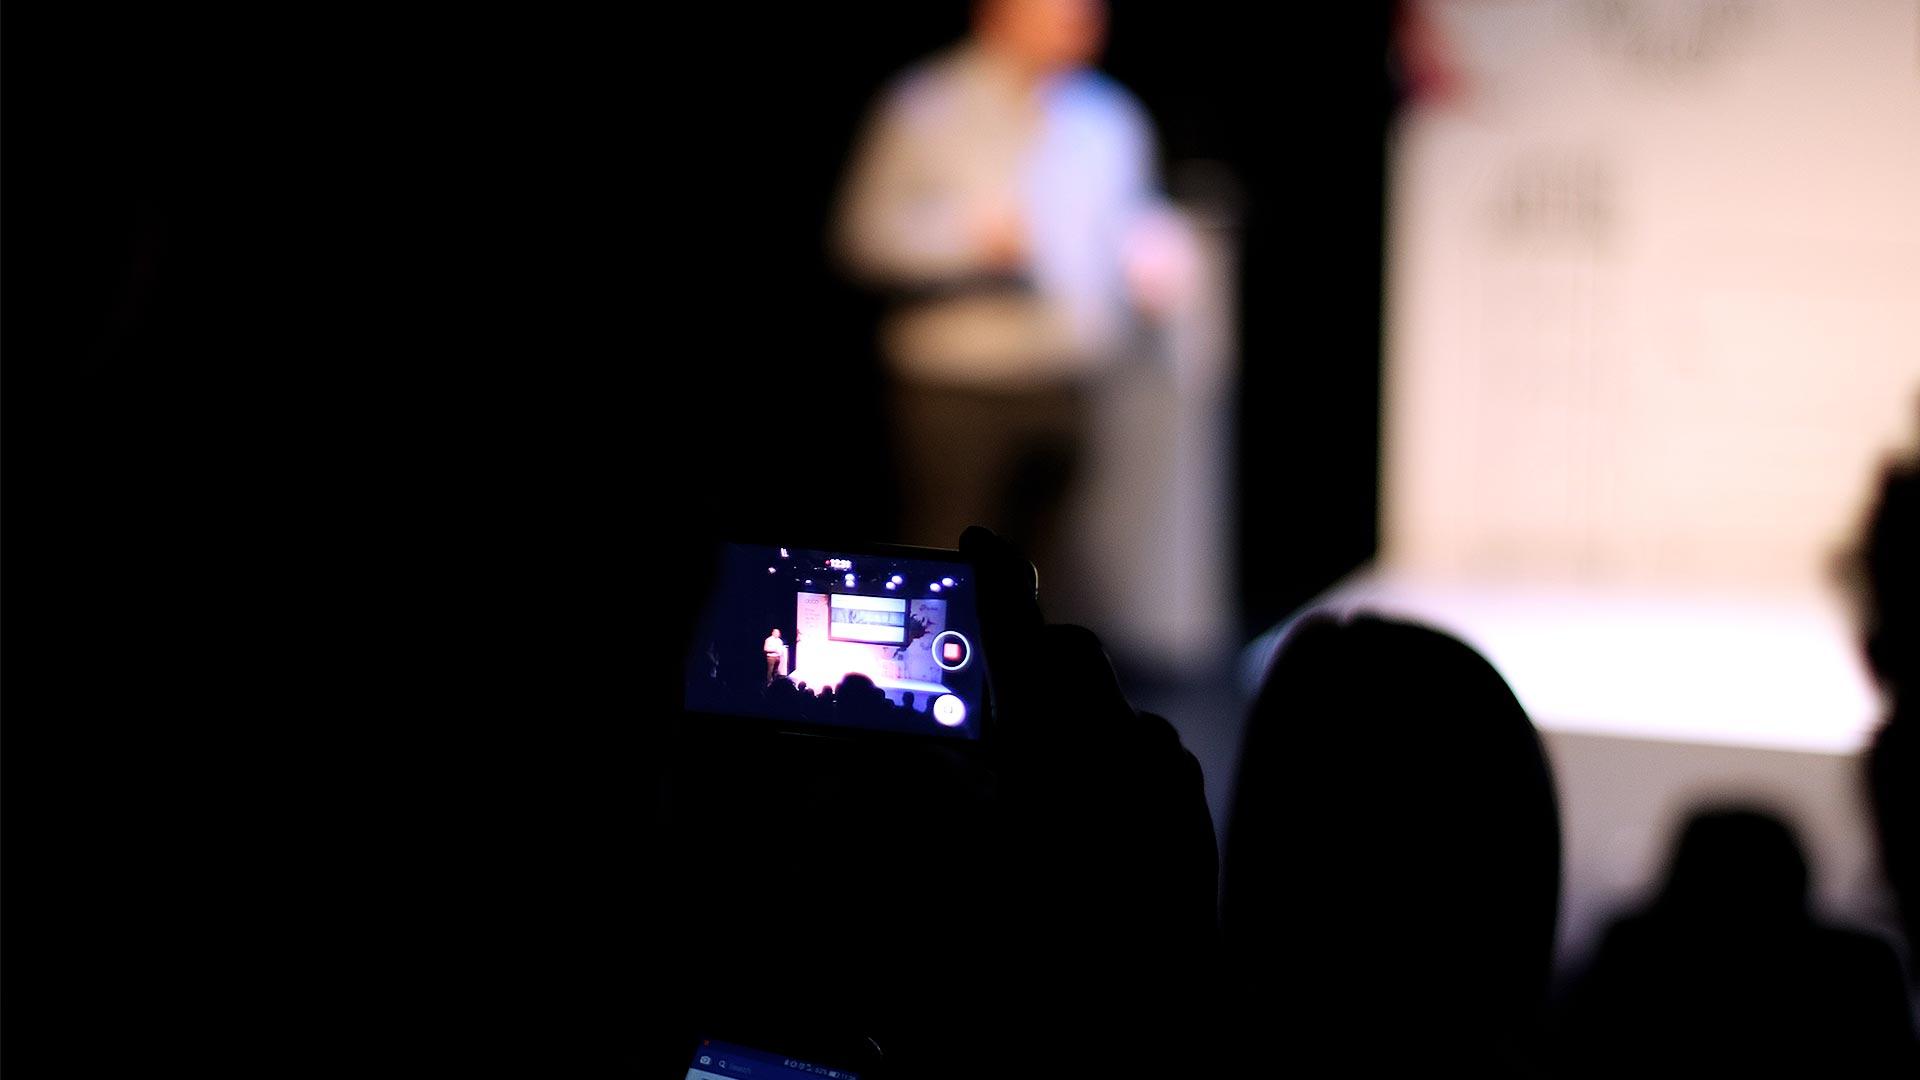 tplink-evento-partner-rueda-prensa-comunicacion-canal-01